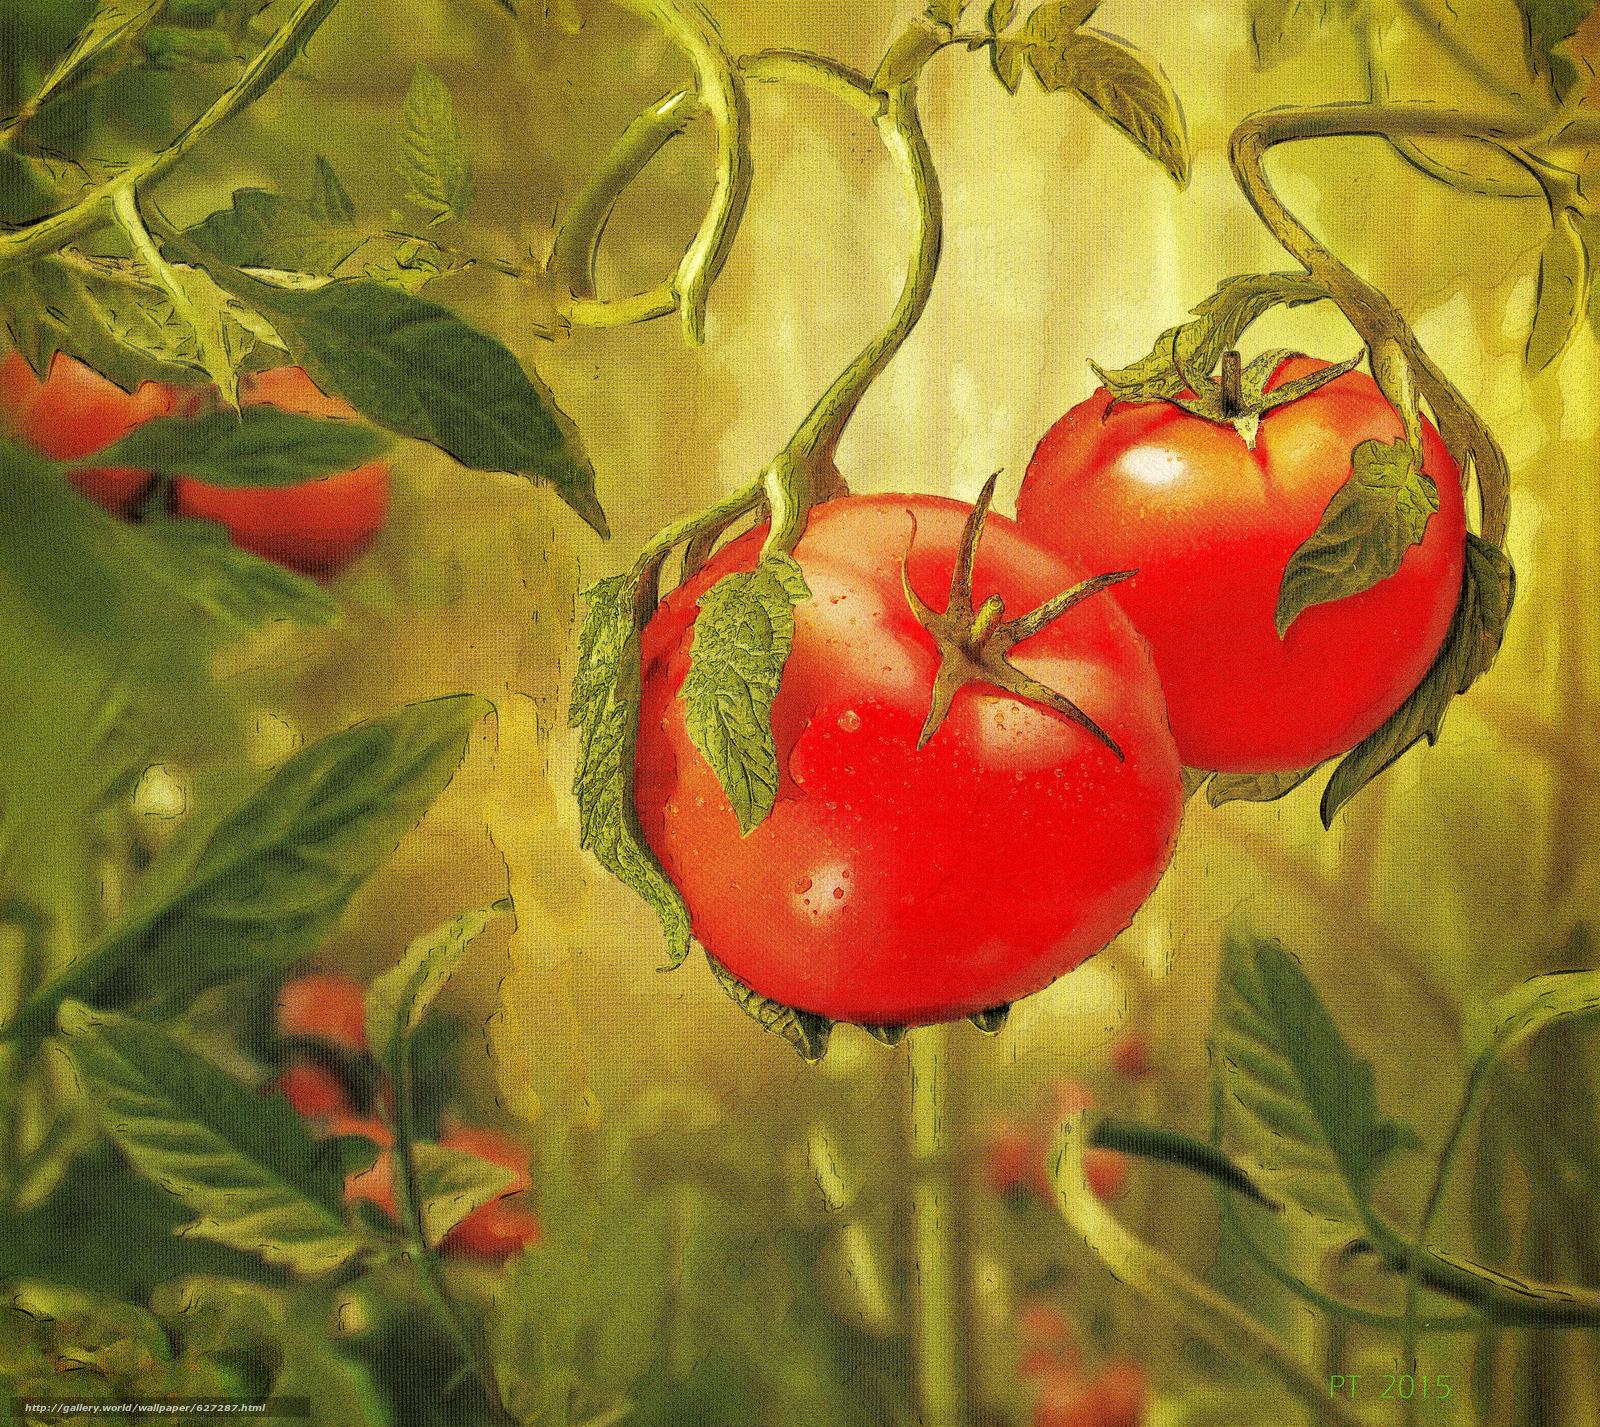 Скачать на телефон обои фото картинку на тему овощи, помидоры, живопись, разширение 3559x3174